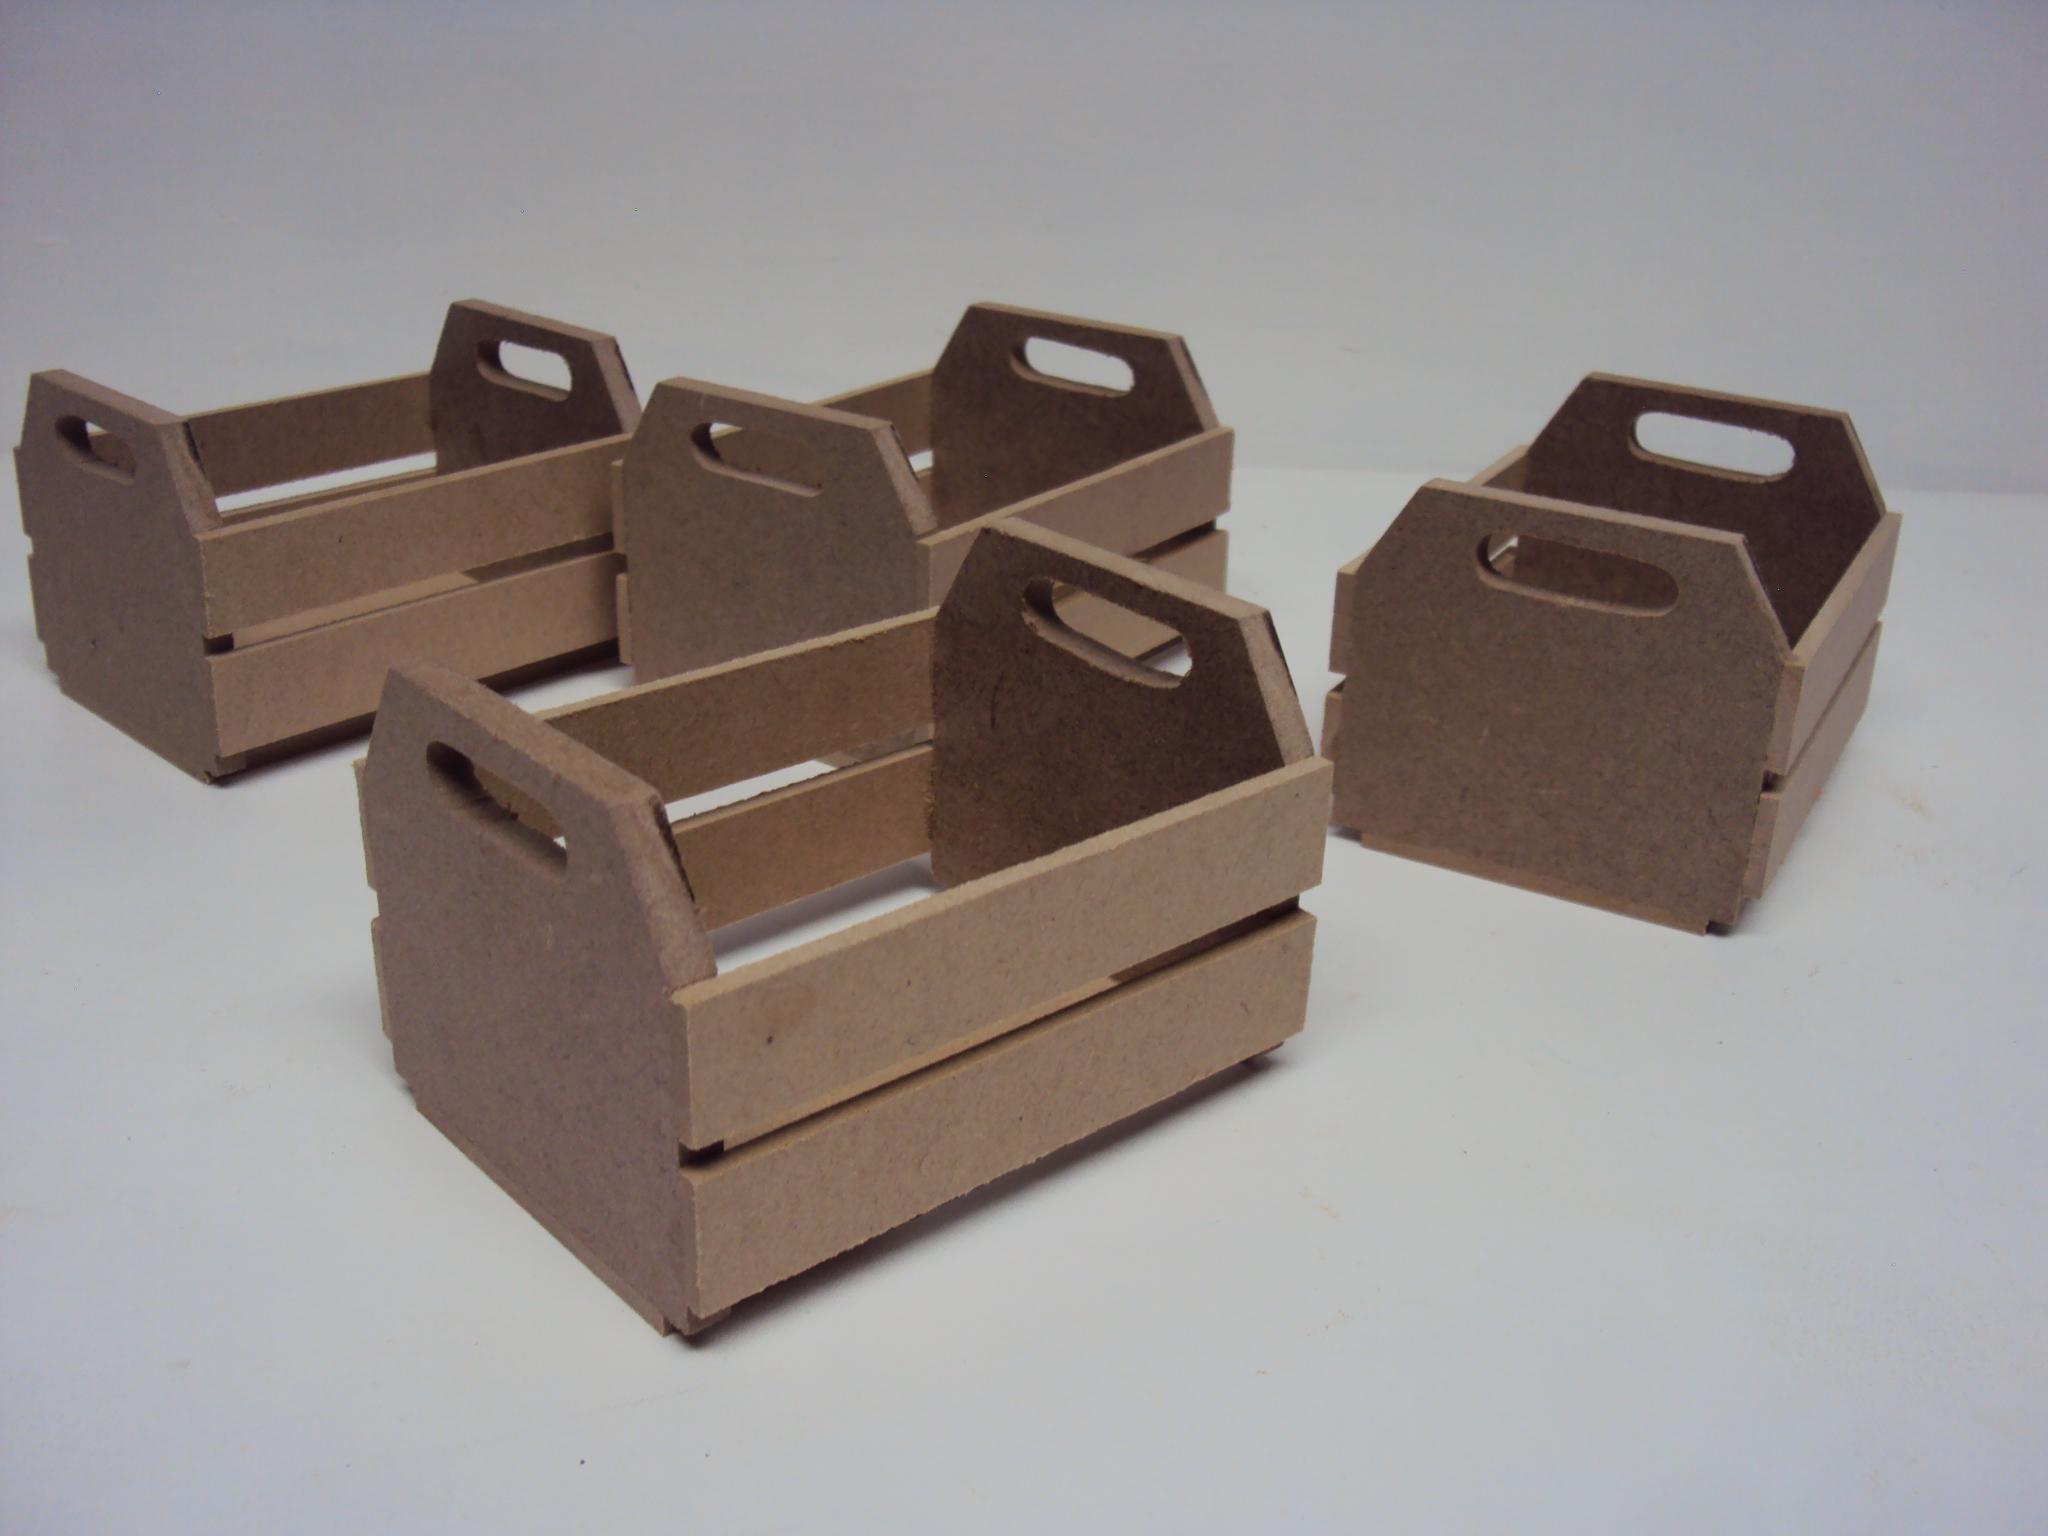 caixote de madeira mdf lembrancinha caixote caixote de madeira mdf  #432F2A 2048x1536